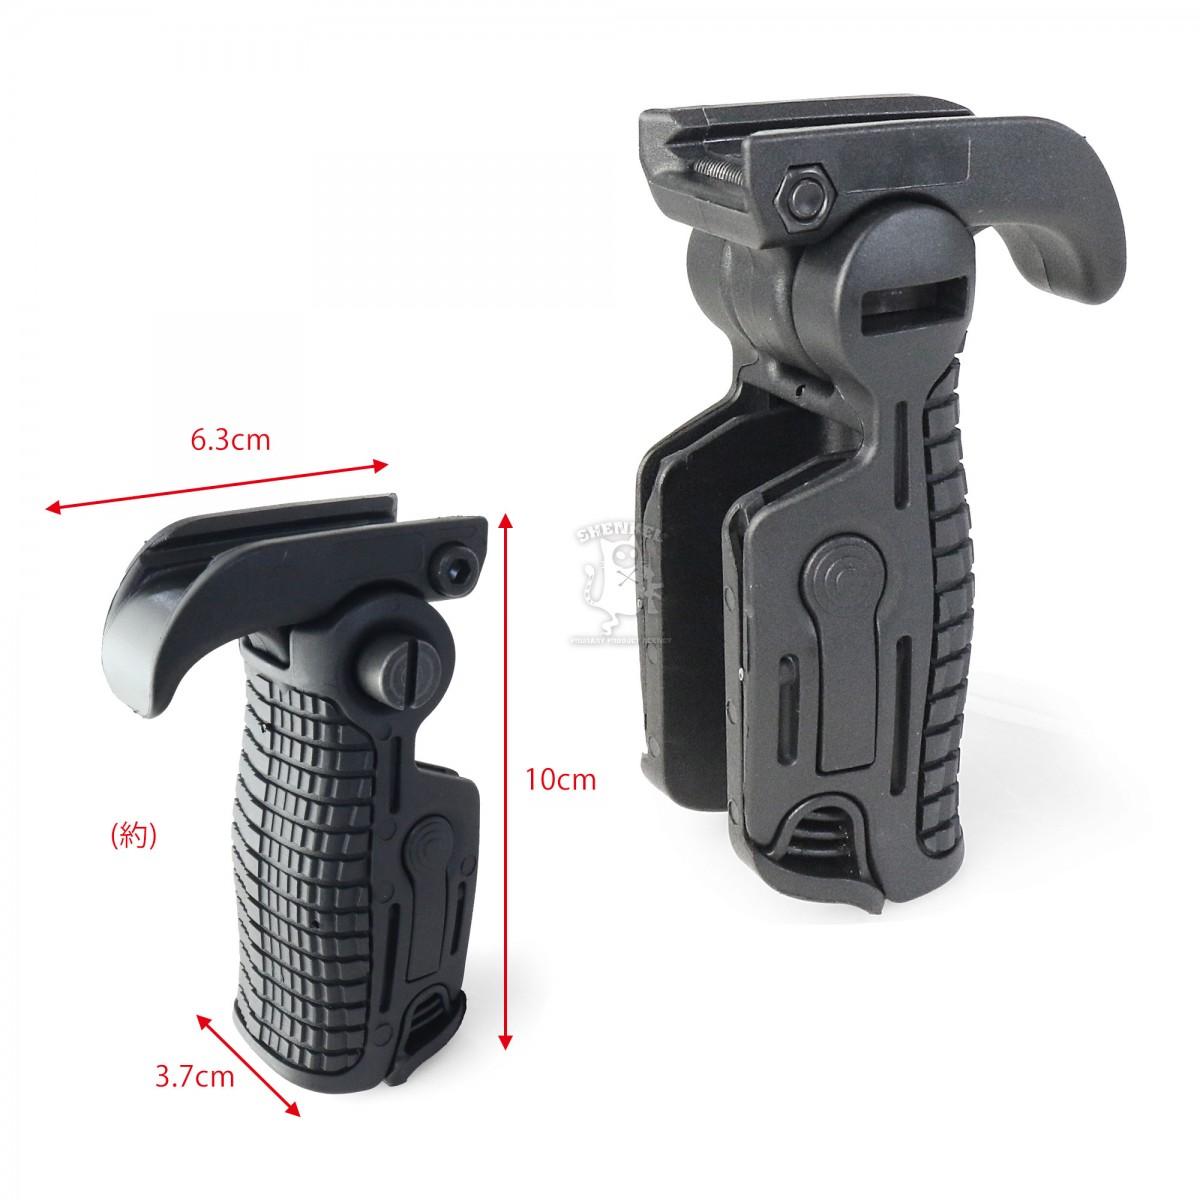 SHENKEL 【折り畳み可能】フォールディングフォアグリップ ■5段階に伸縮可能■FAB FGGKタイプ M4M16などに